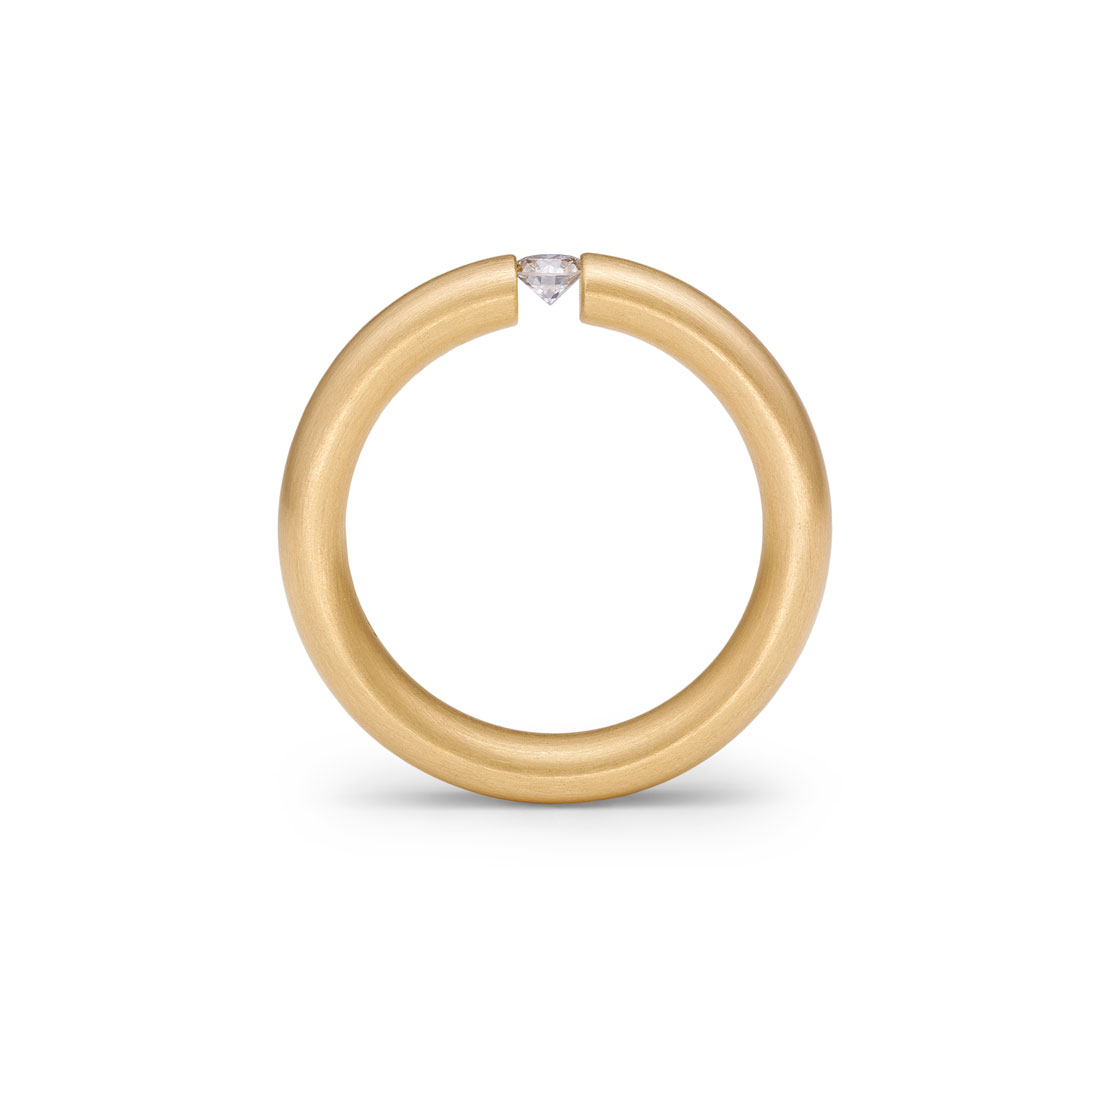 Der klassische Niessing-Spannring | Juwelier Stahl Würzburg